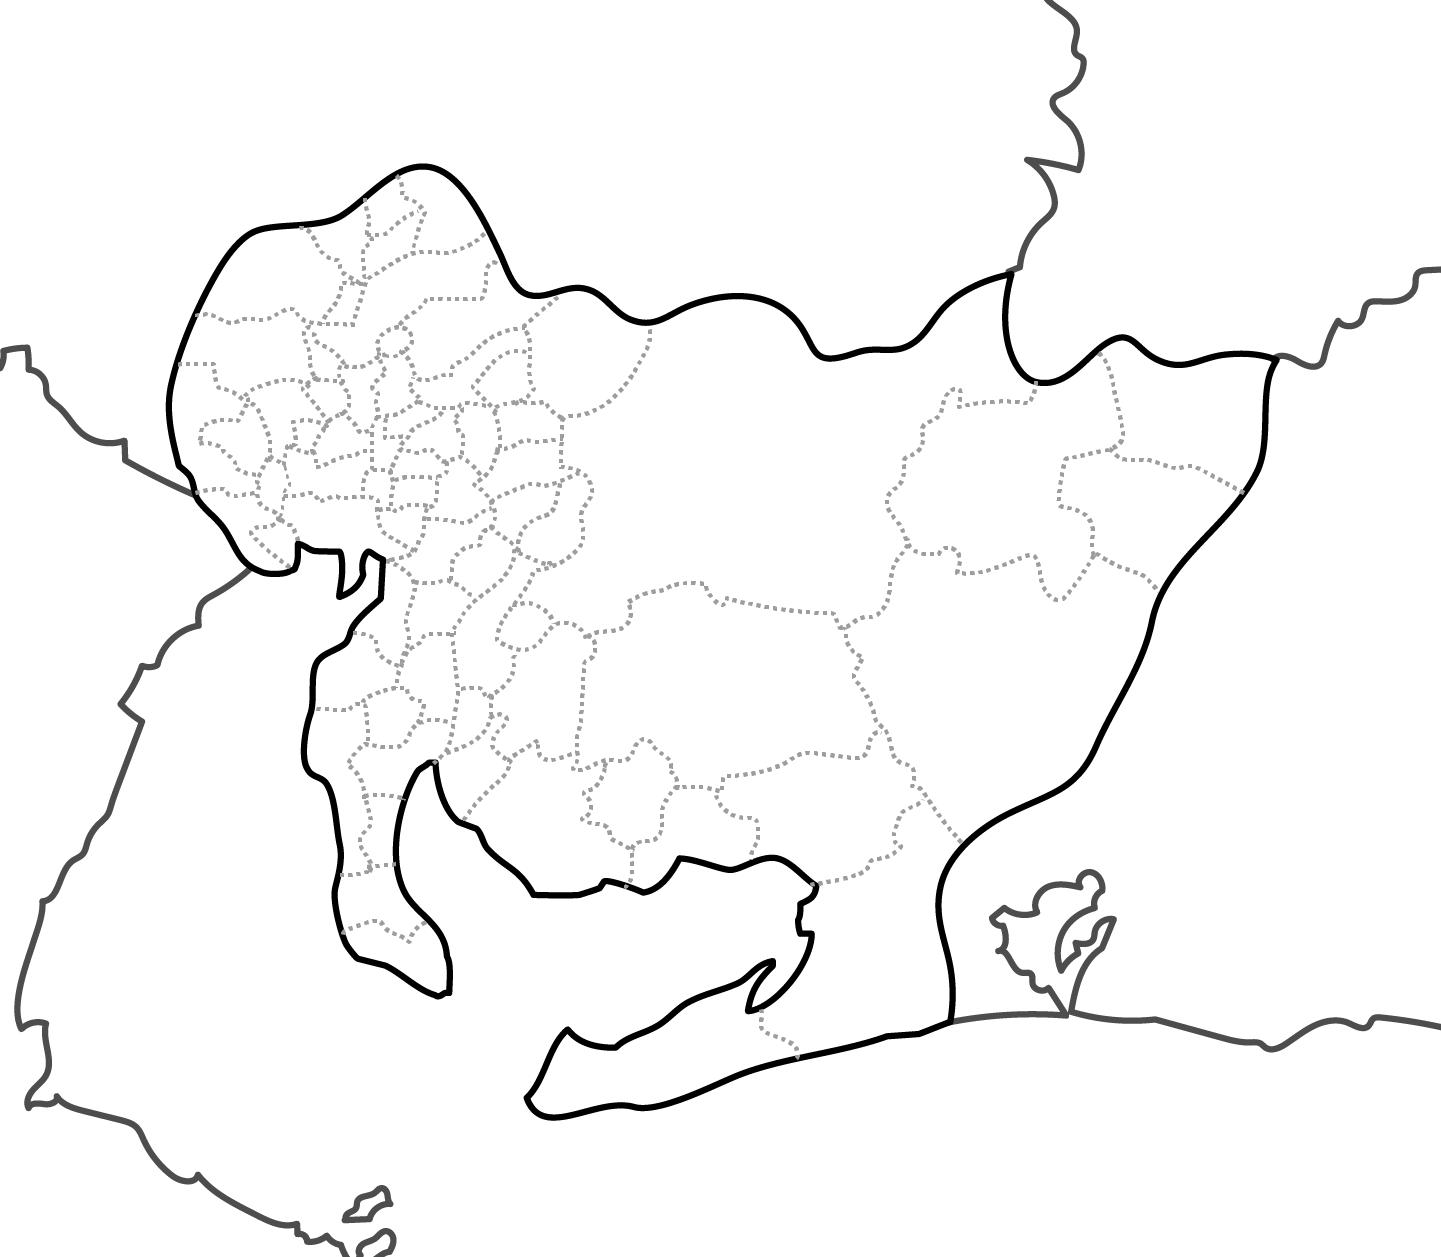 [白地図]愛知県・ラインあり・市区町村名なし・隣県なし